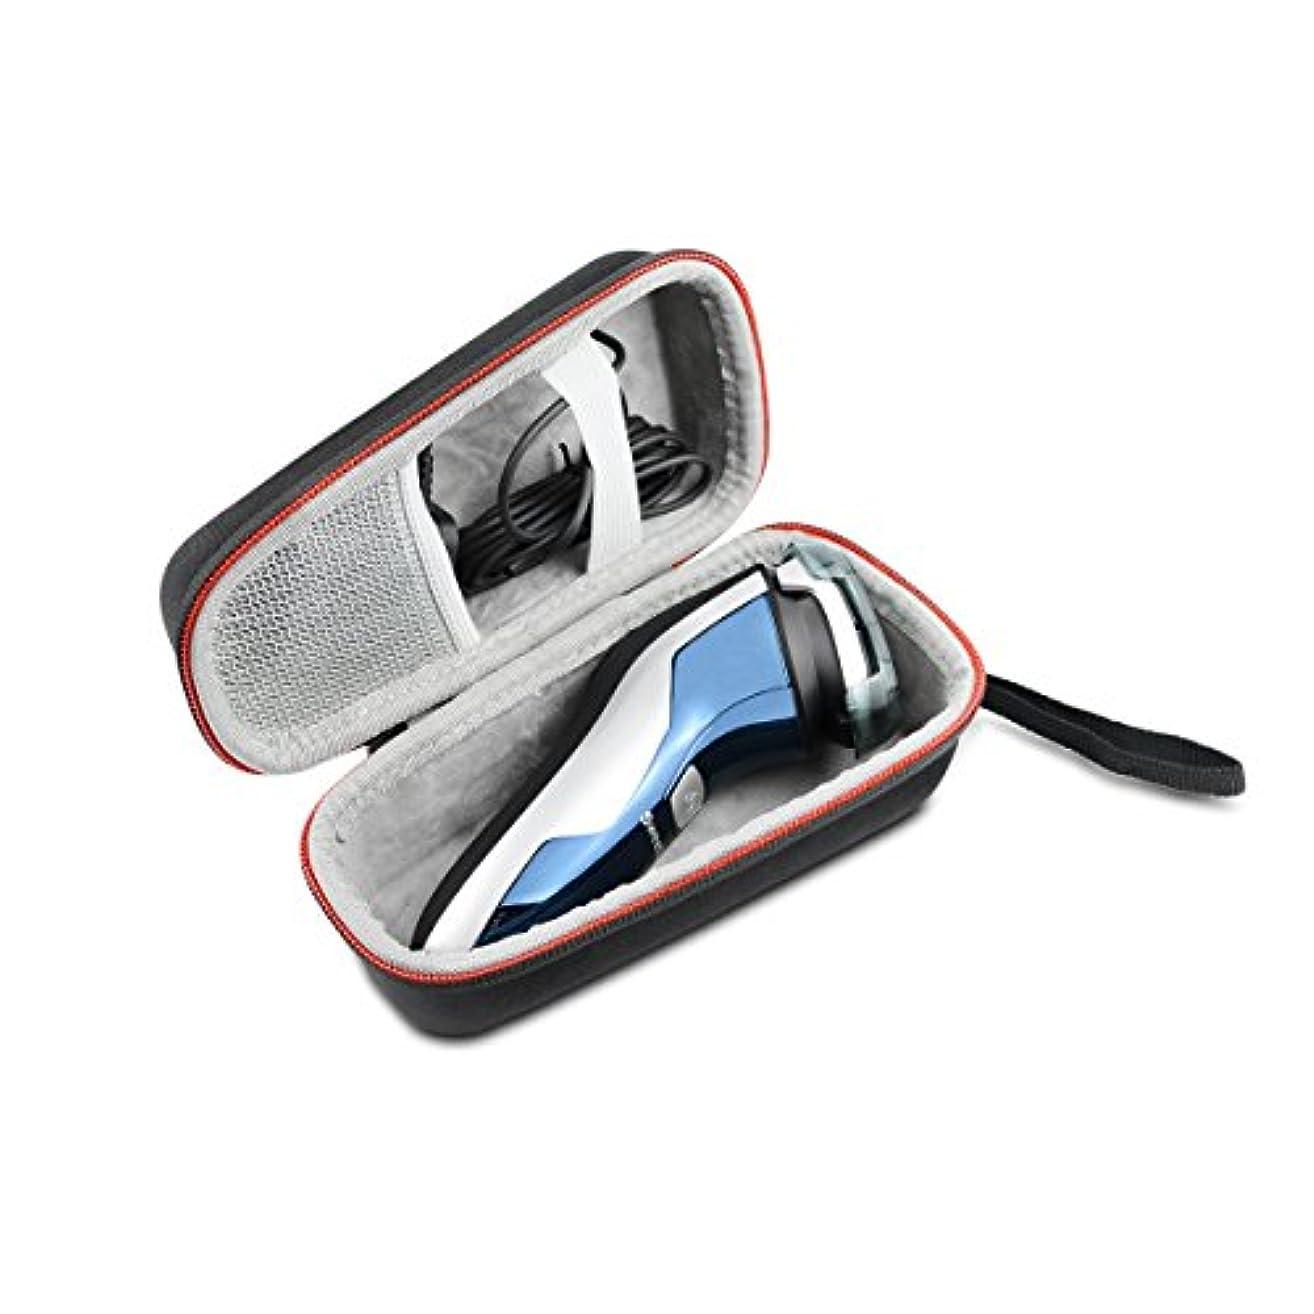 円形村副詞Philips フィリップス メンズシェーバー アクアタッチ AT891A AT791/16 AT883/16 PT764/14 スーパー便利な ハードケースバッグ 専用旅行収納 対応 AONKE